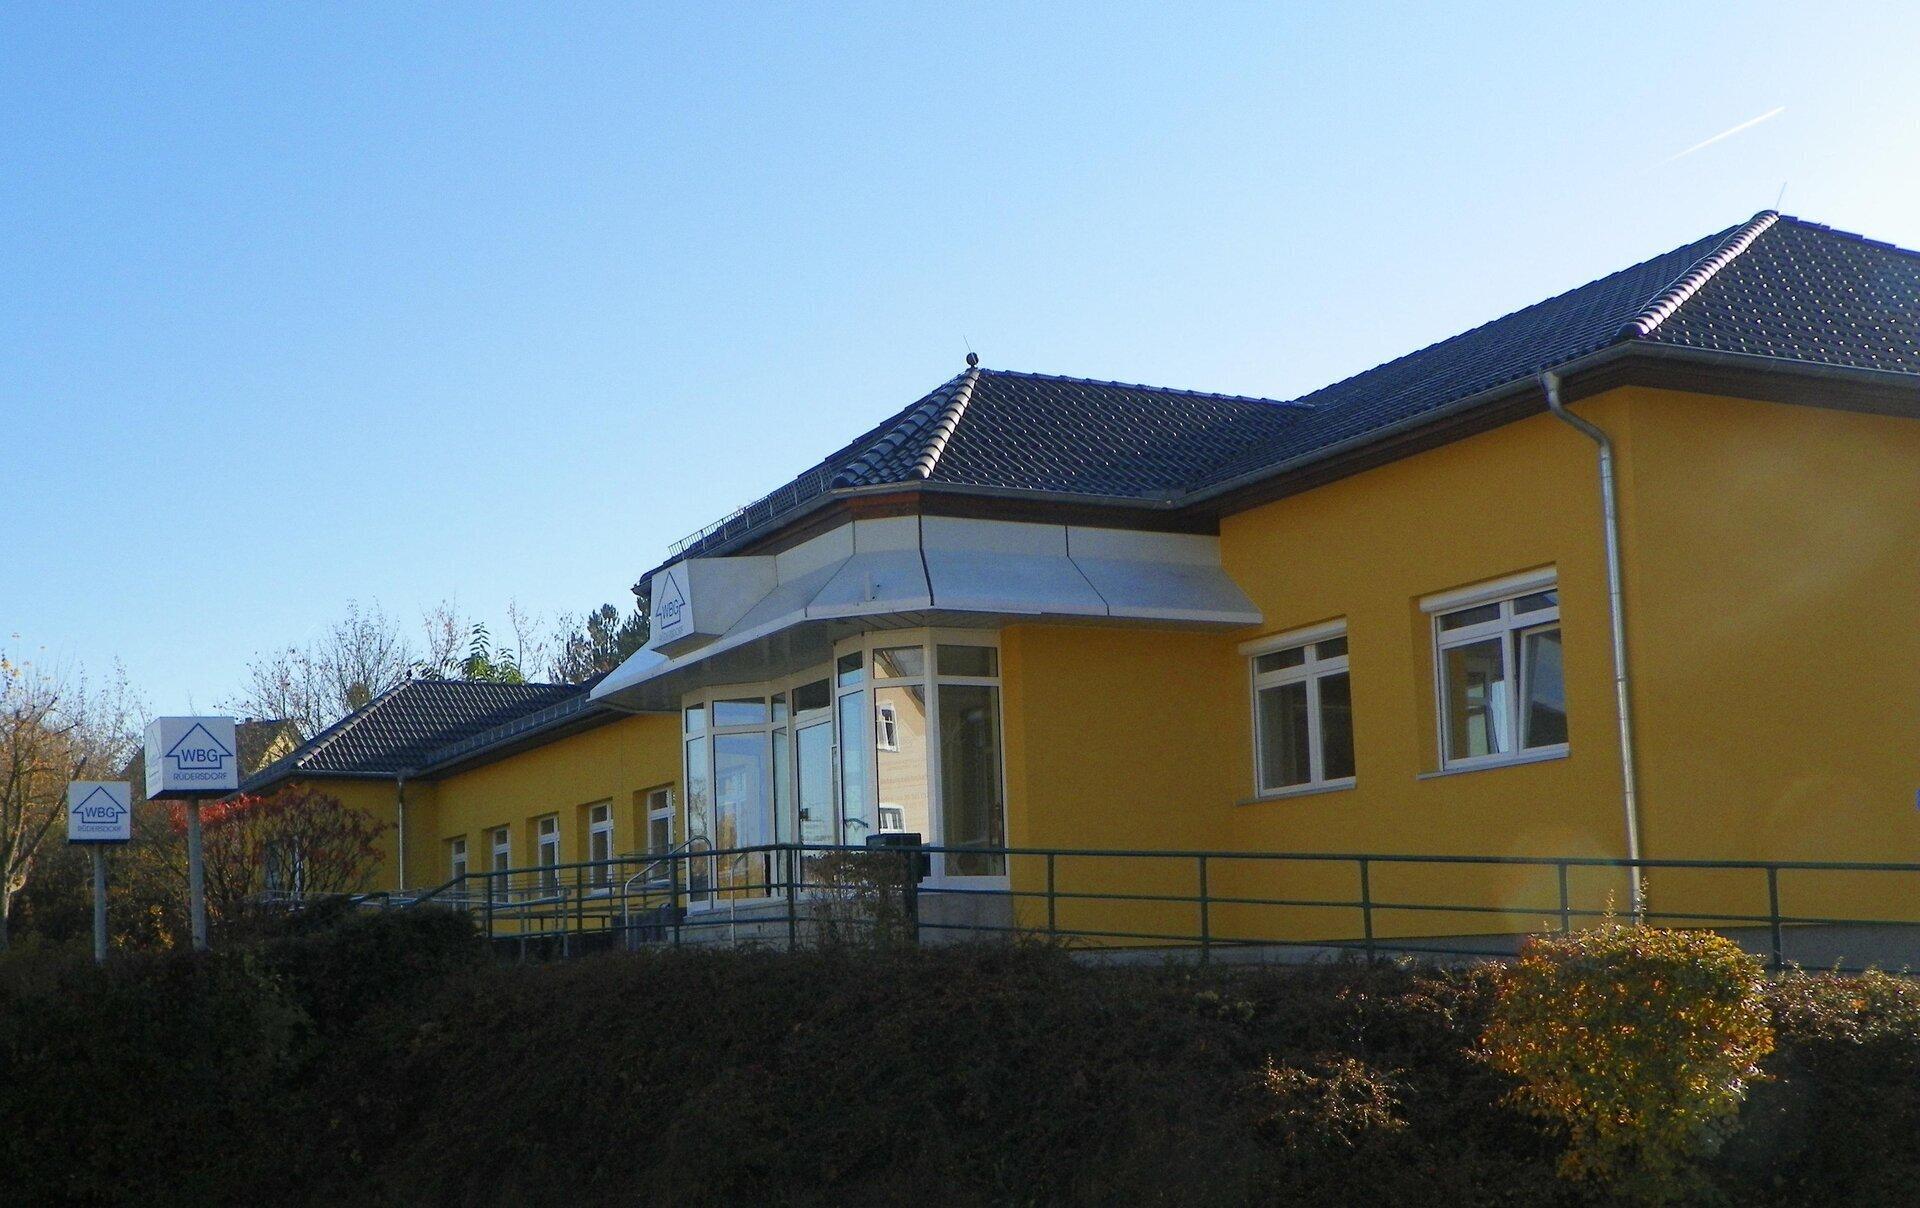 Hauptgeschäftsstelle Wohnungsbaugesellschaft Rüdersdorf mbH